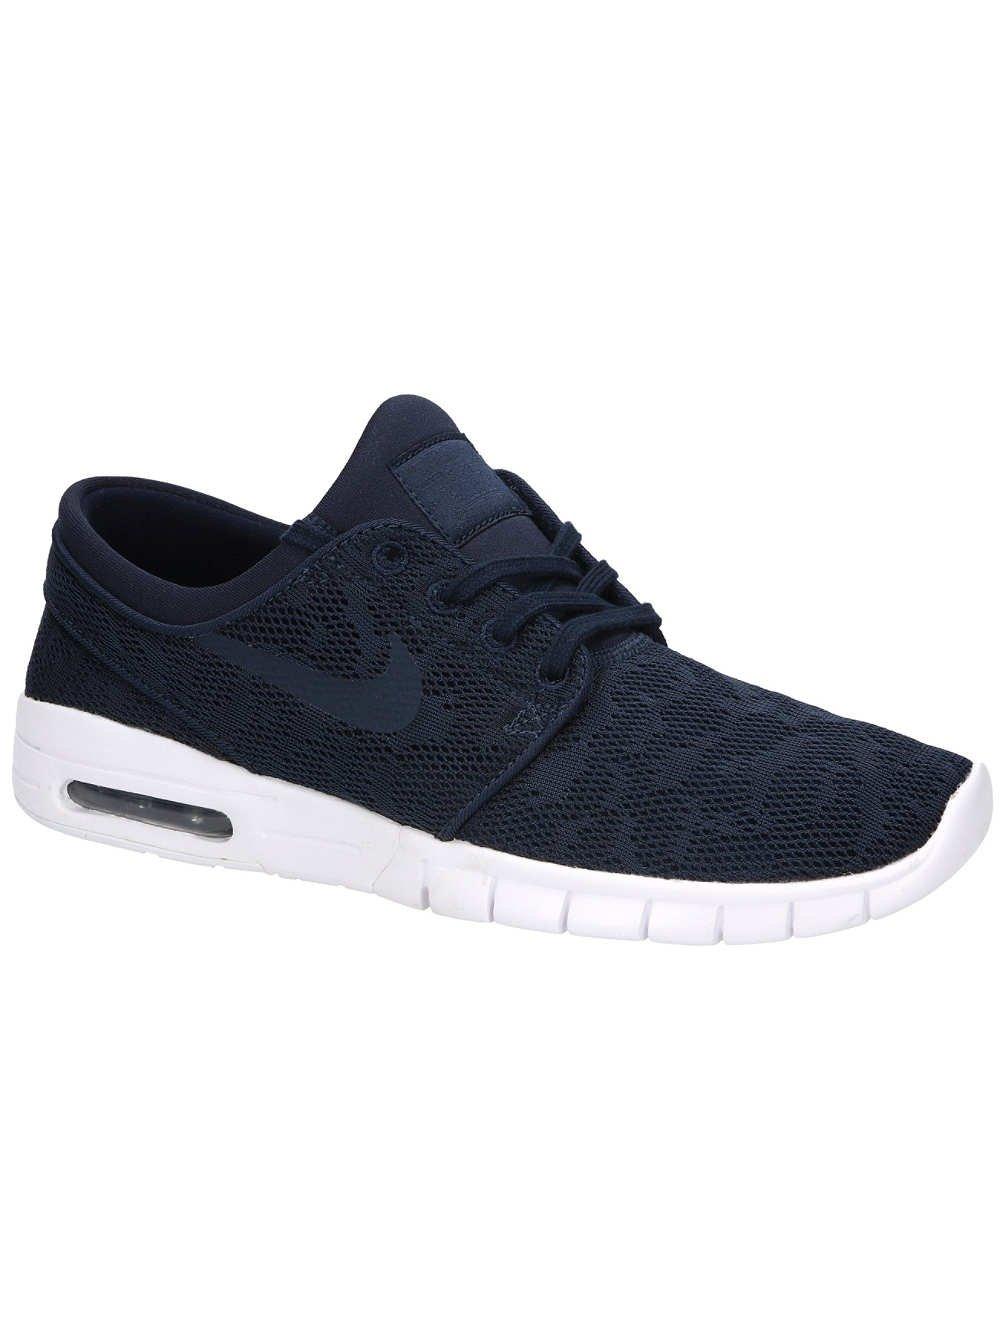 Nike Stefan Janoski Max Unisex-Erwachsene Sneakers  5.5 D(M) US|wei?/gold (Obsidian/Obsidian-mineral Gold)